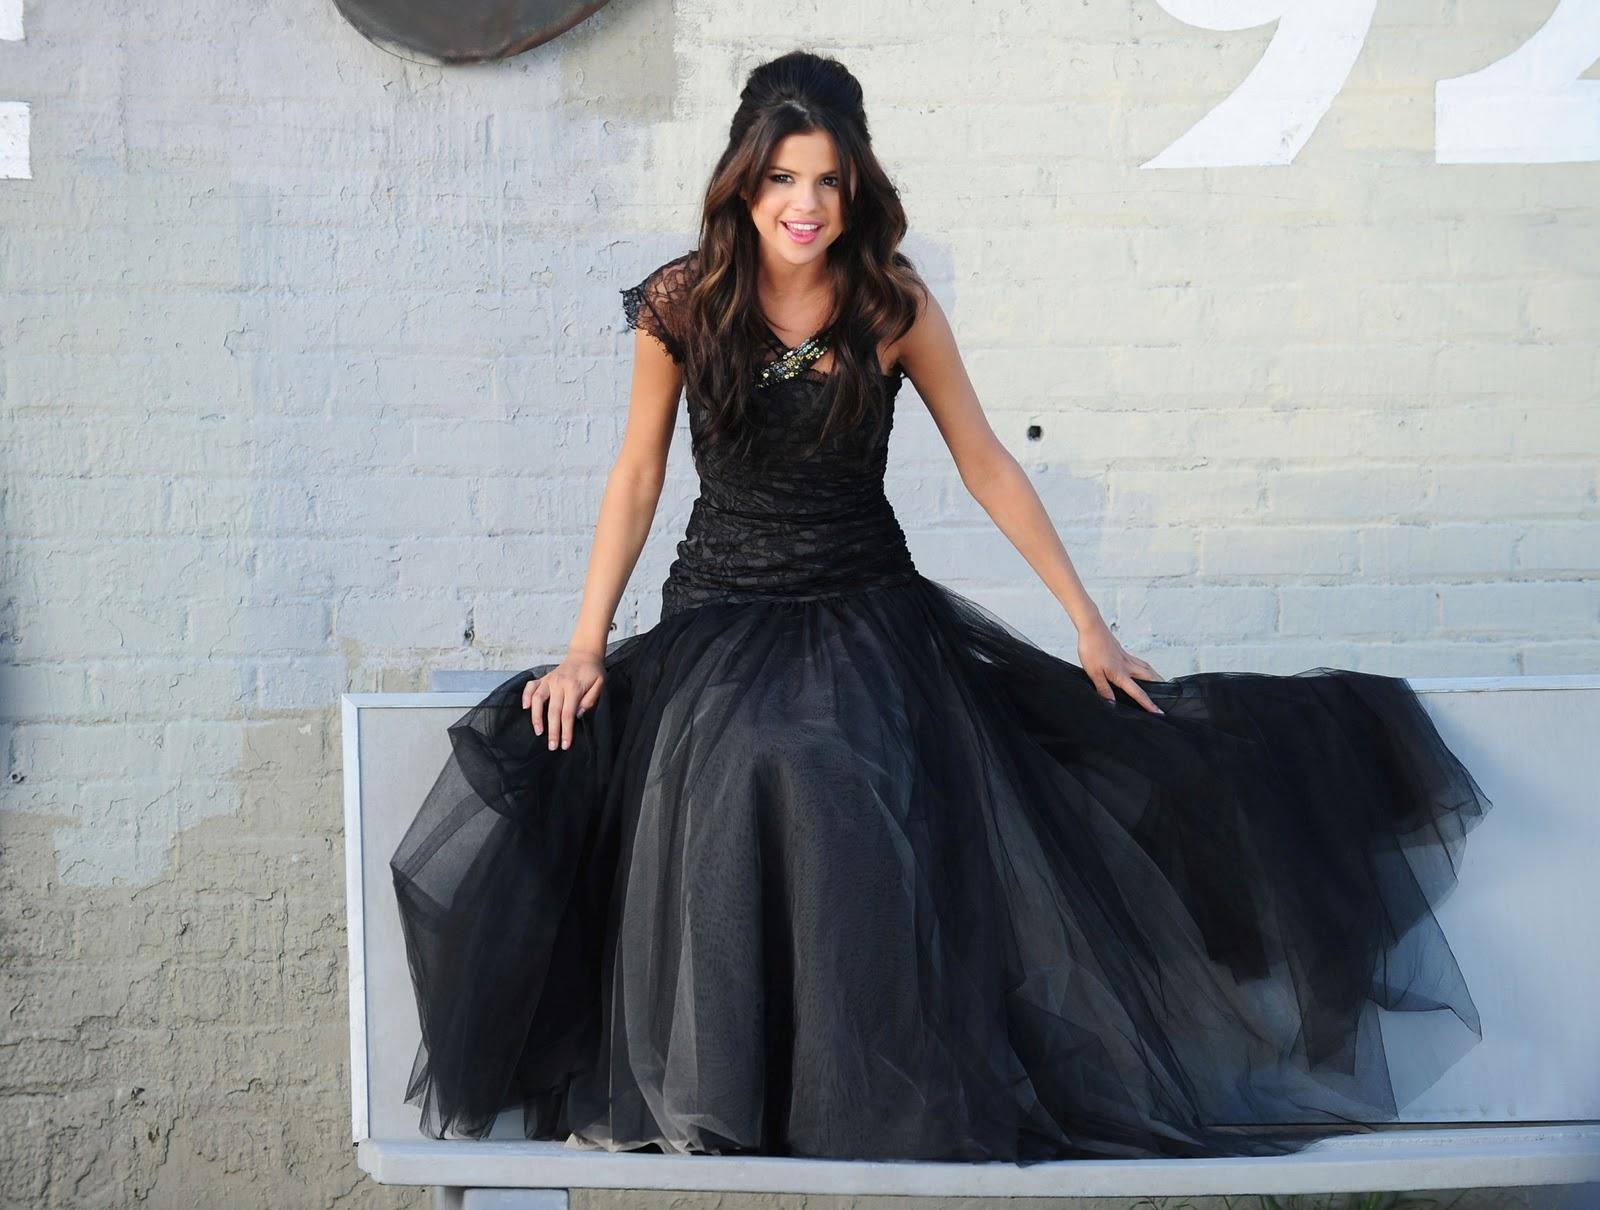 http://3.bp.blogspot.com/-Jhhp746FL98/TWPUcHrSiLI/AAAAAAAAPZU/hAs3Adwm5YM/s1600/Selena-Gomez-81.jpg